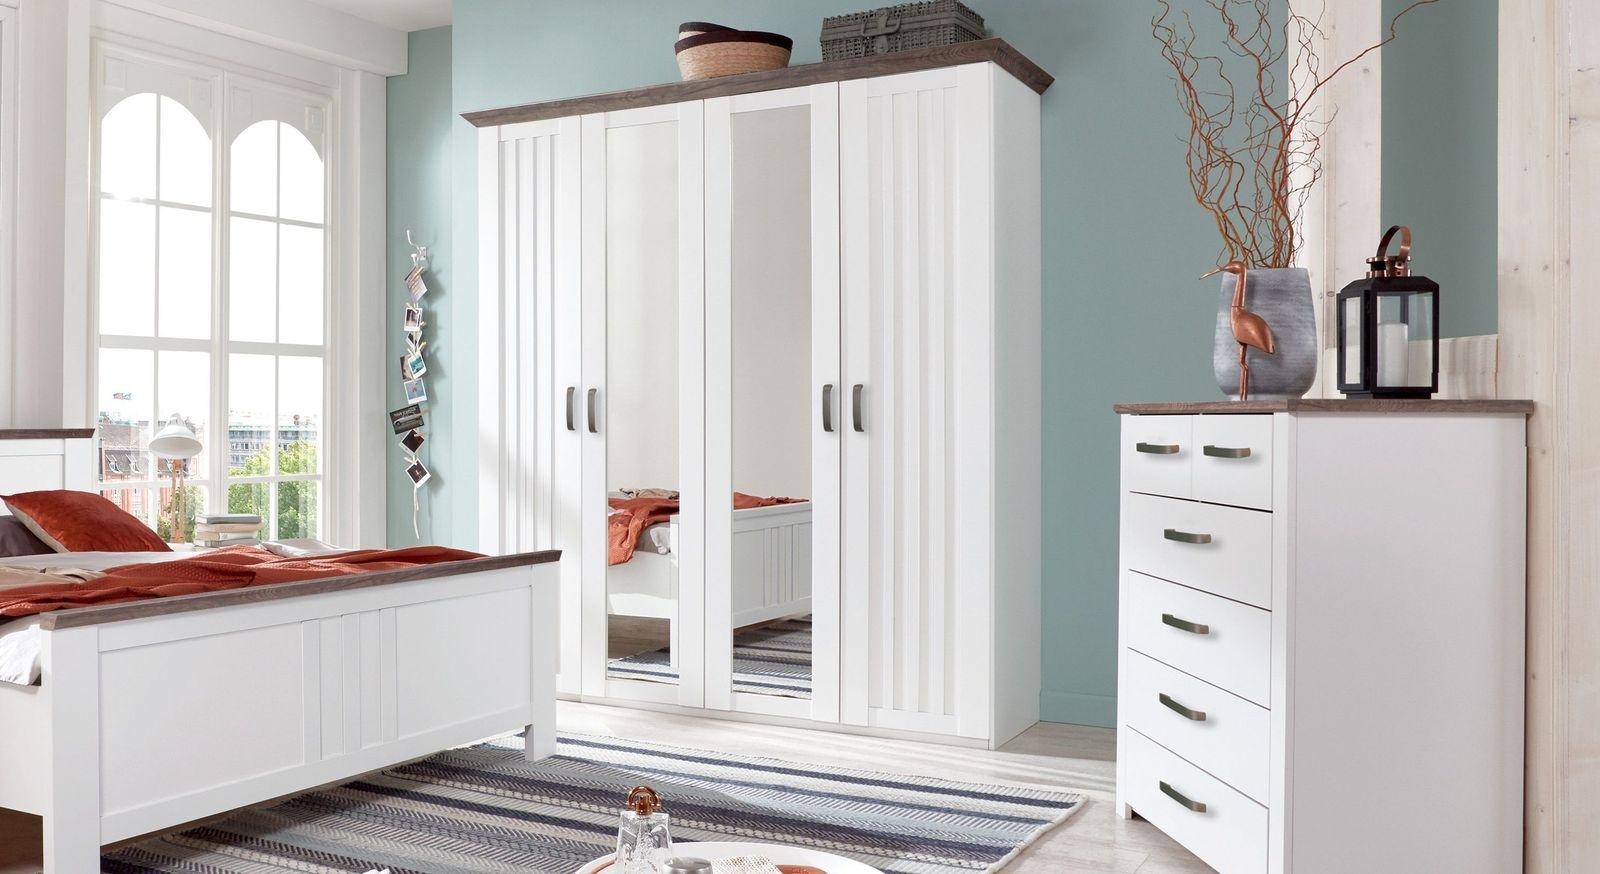 landhausstil weiss preisvergleich die besten angebote. Black Bedroom Furniture Sets. Home Design Ideas